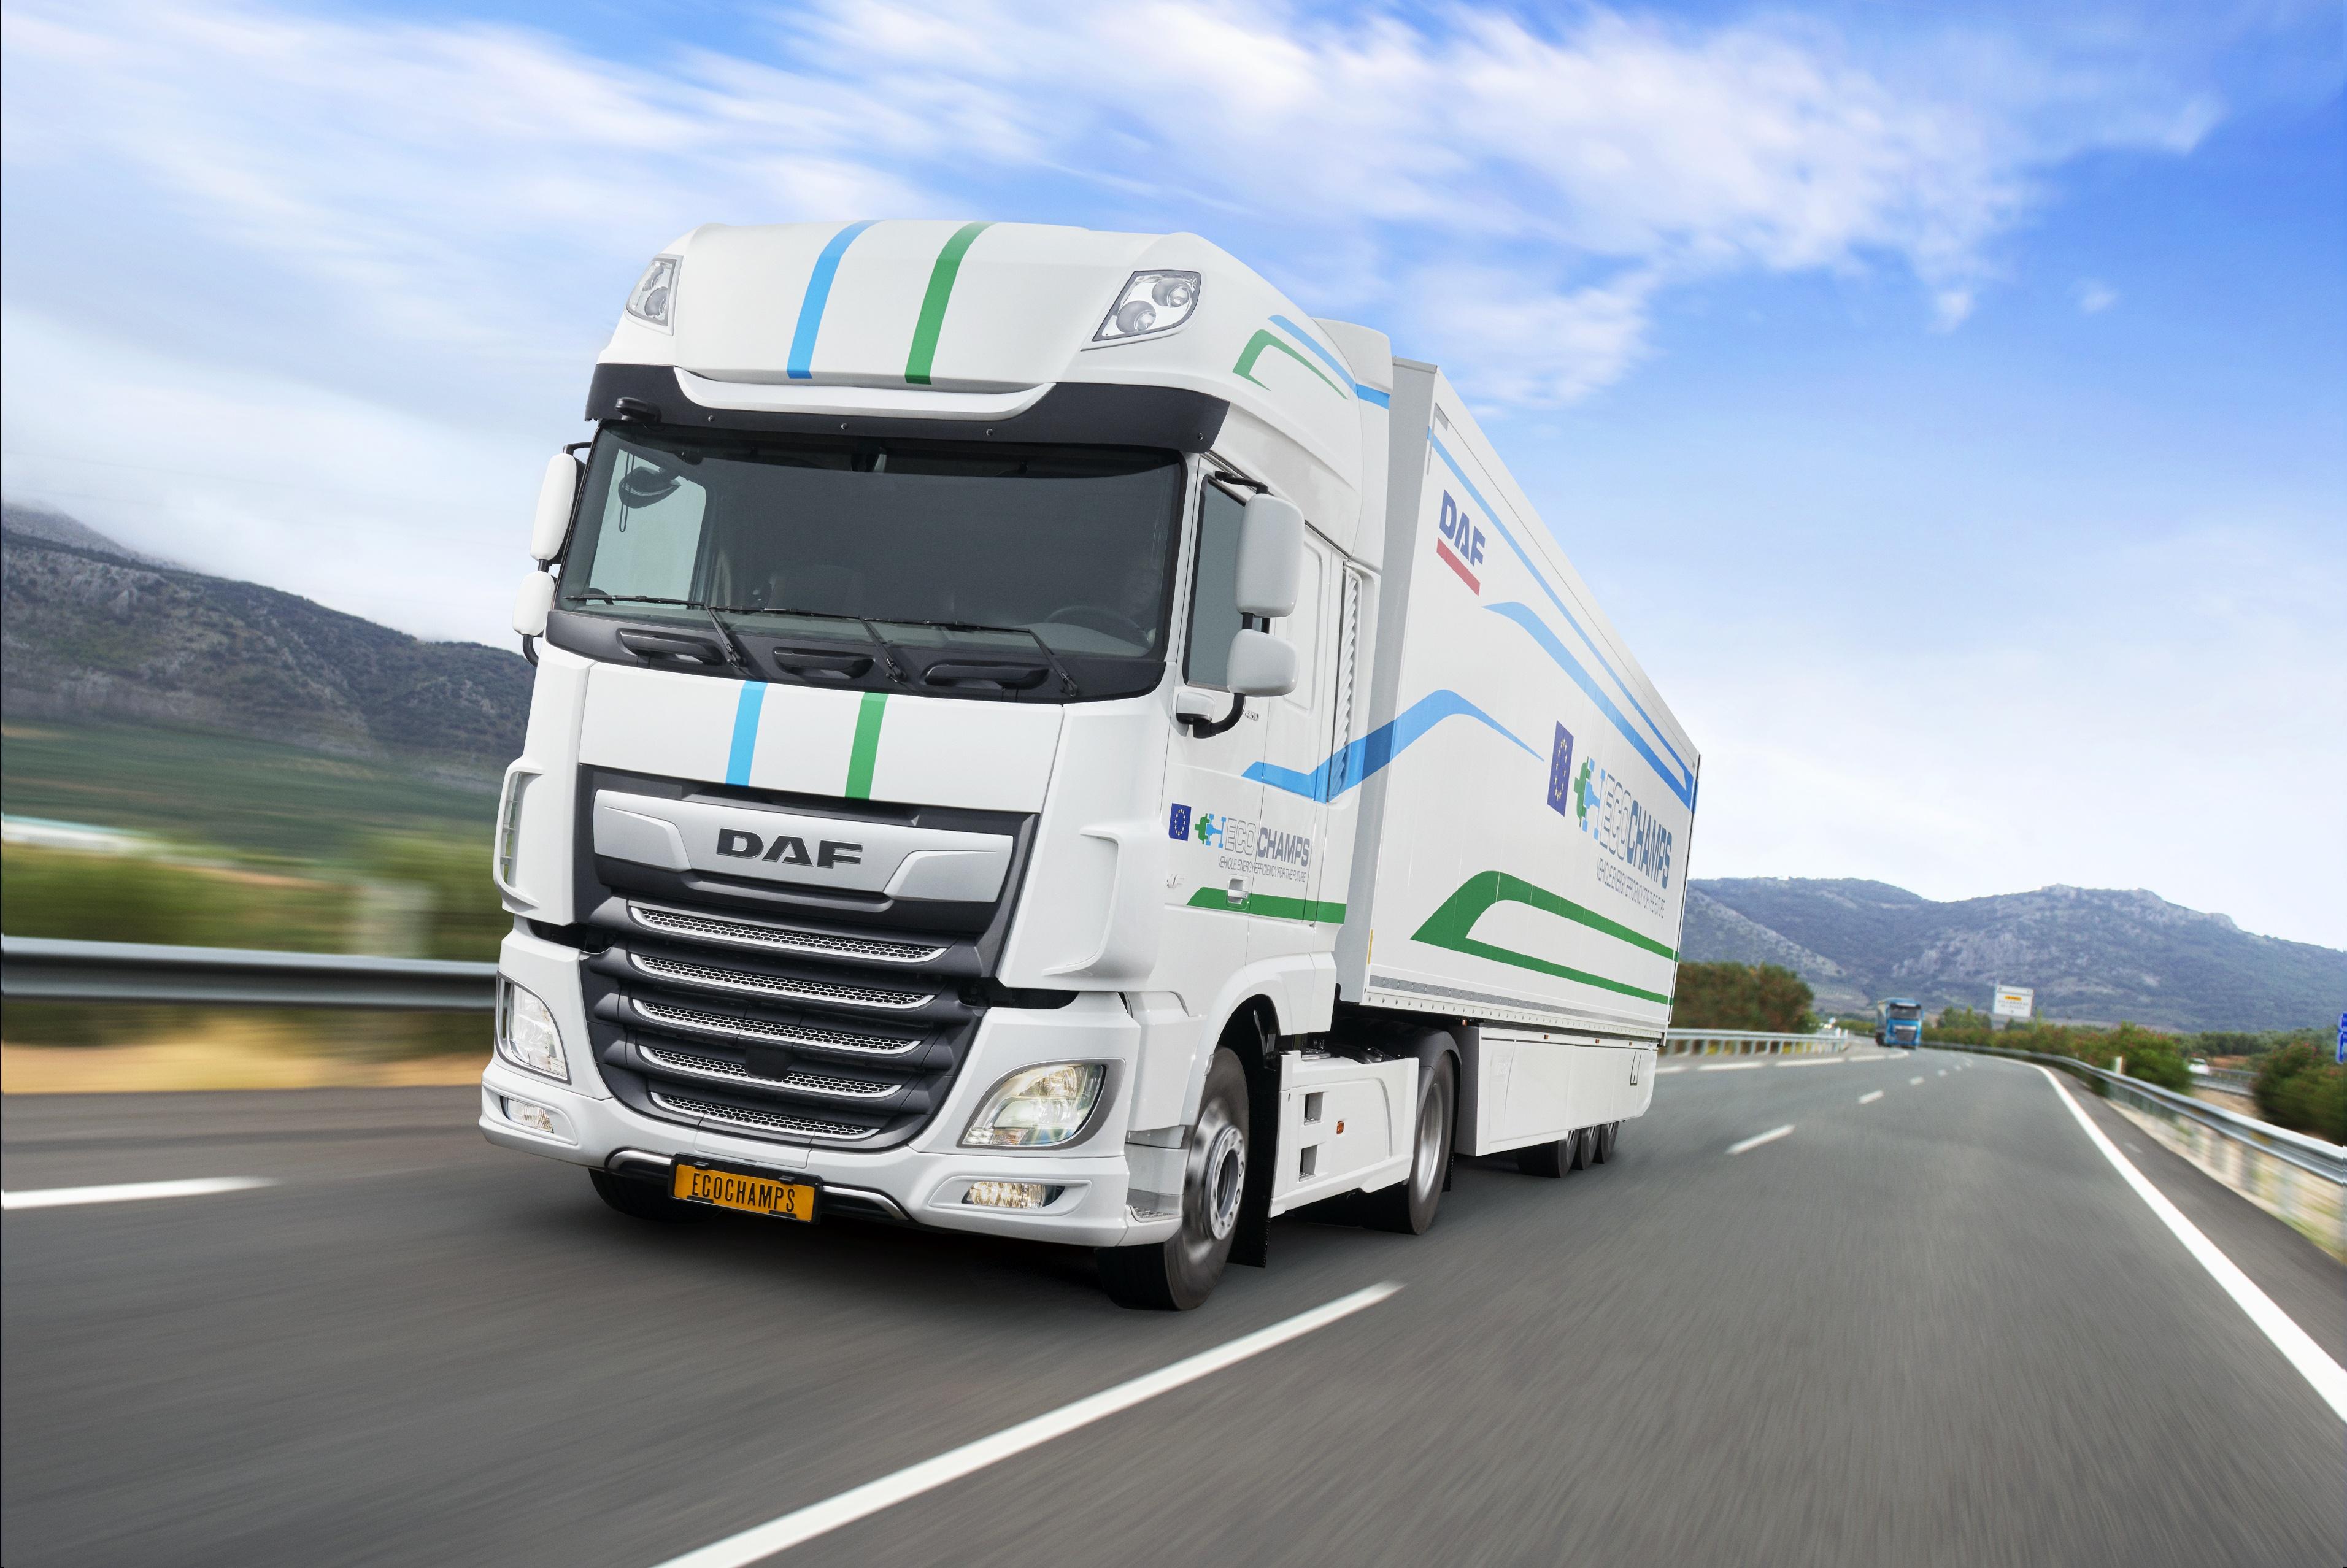 Folyamatos innováció a haszonjármű-gyártásban